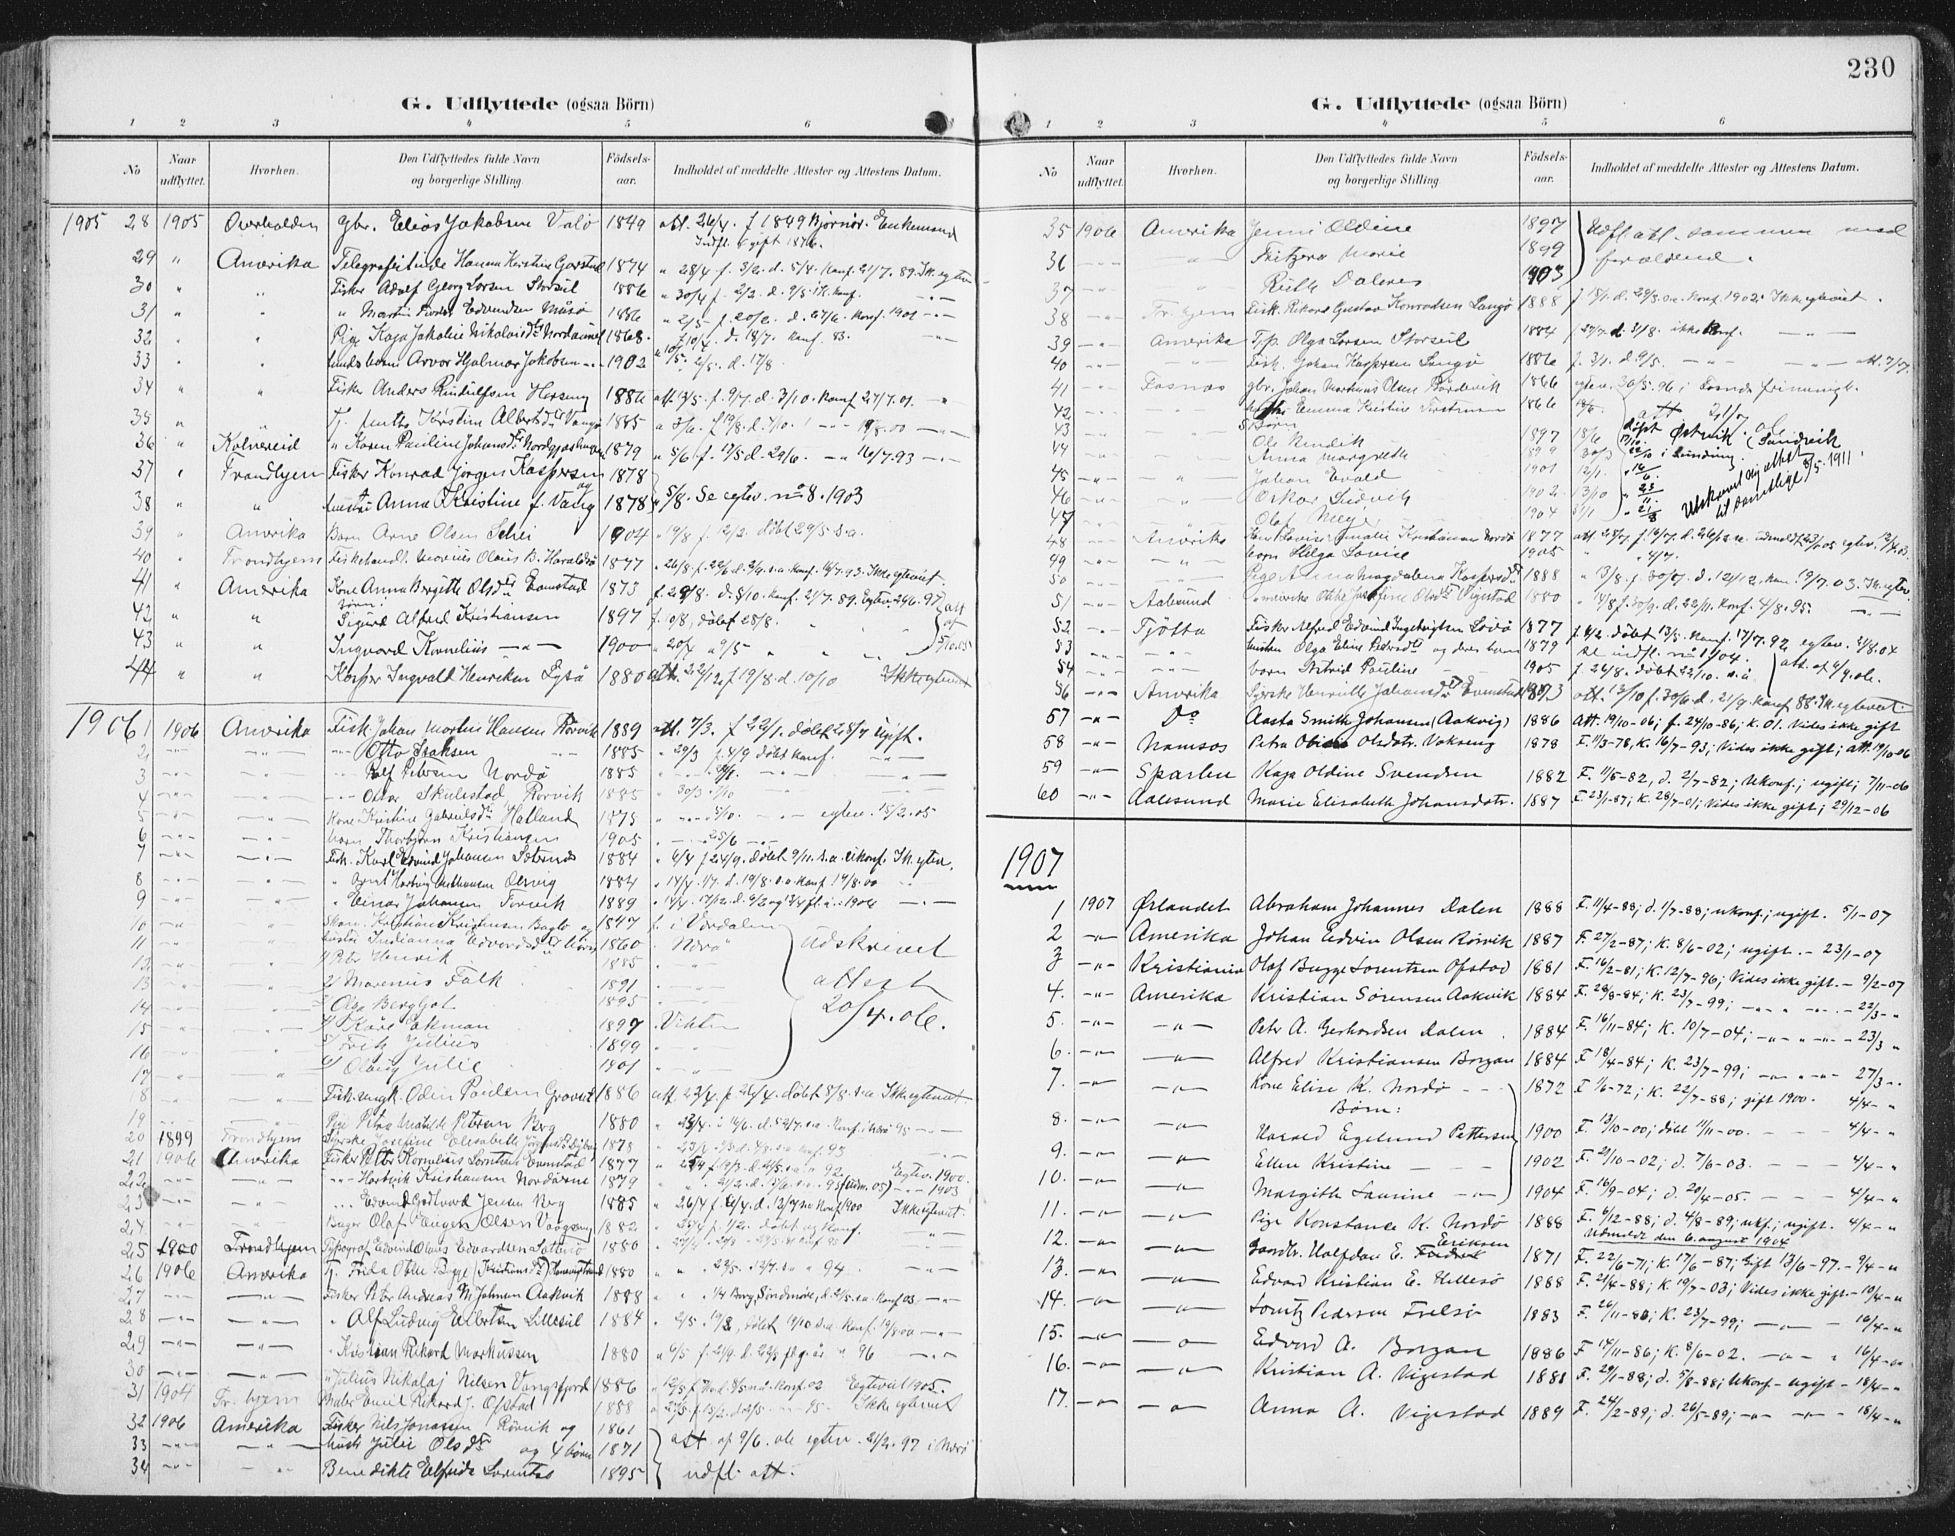 SAT, Ministerialprotokoller, klokkerbøker og fødselsregistre - Nord-Trøndelag, 786/L0688: Ministerialbok nr. 786A04, 1899-1912, s. 230